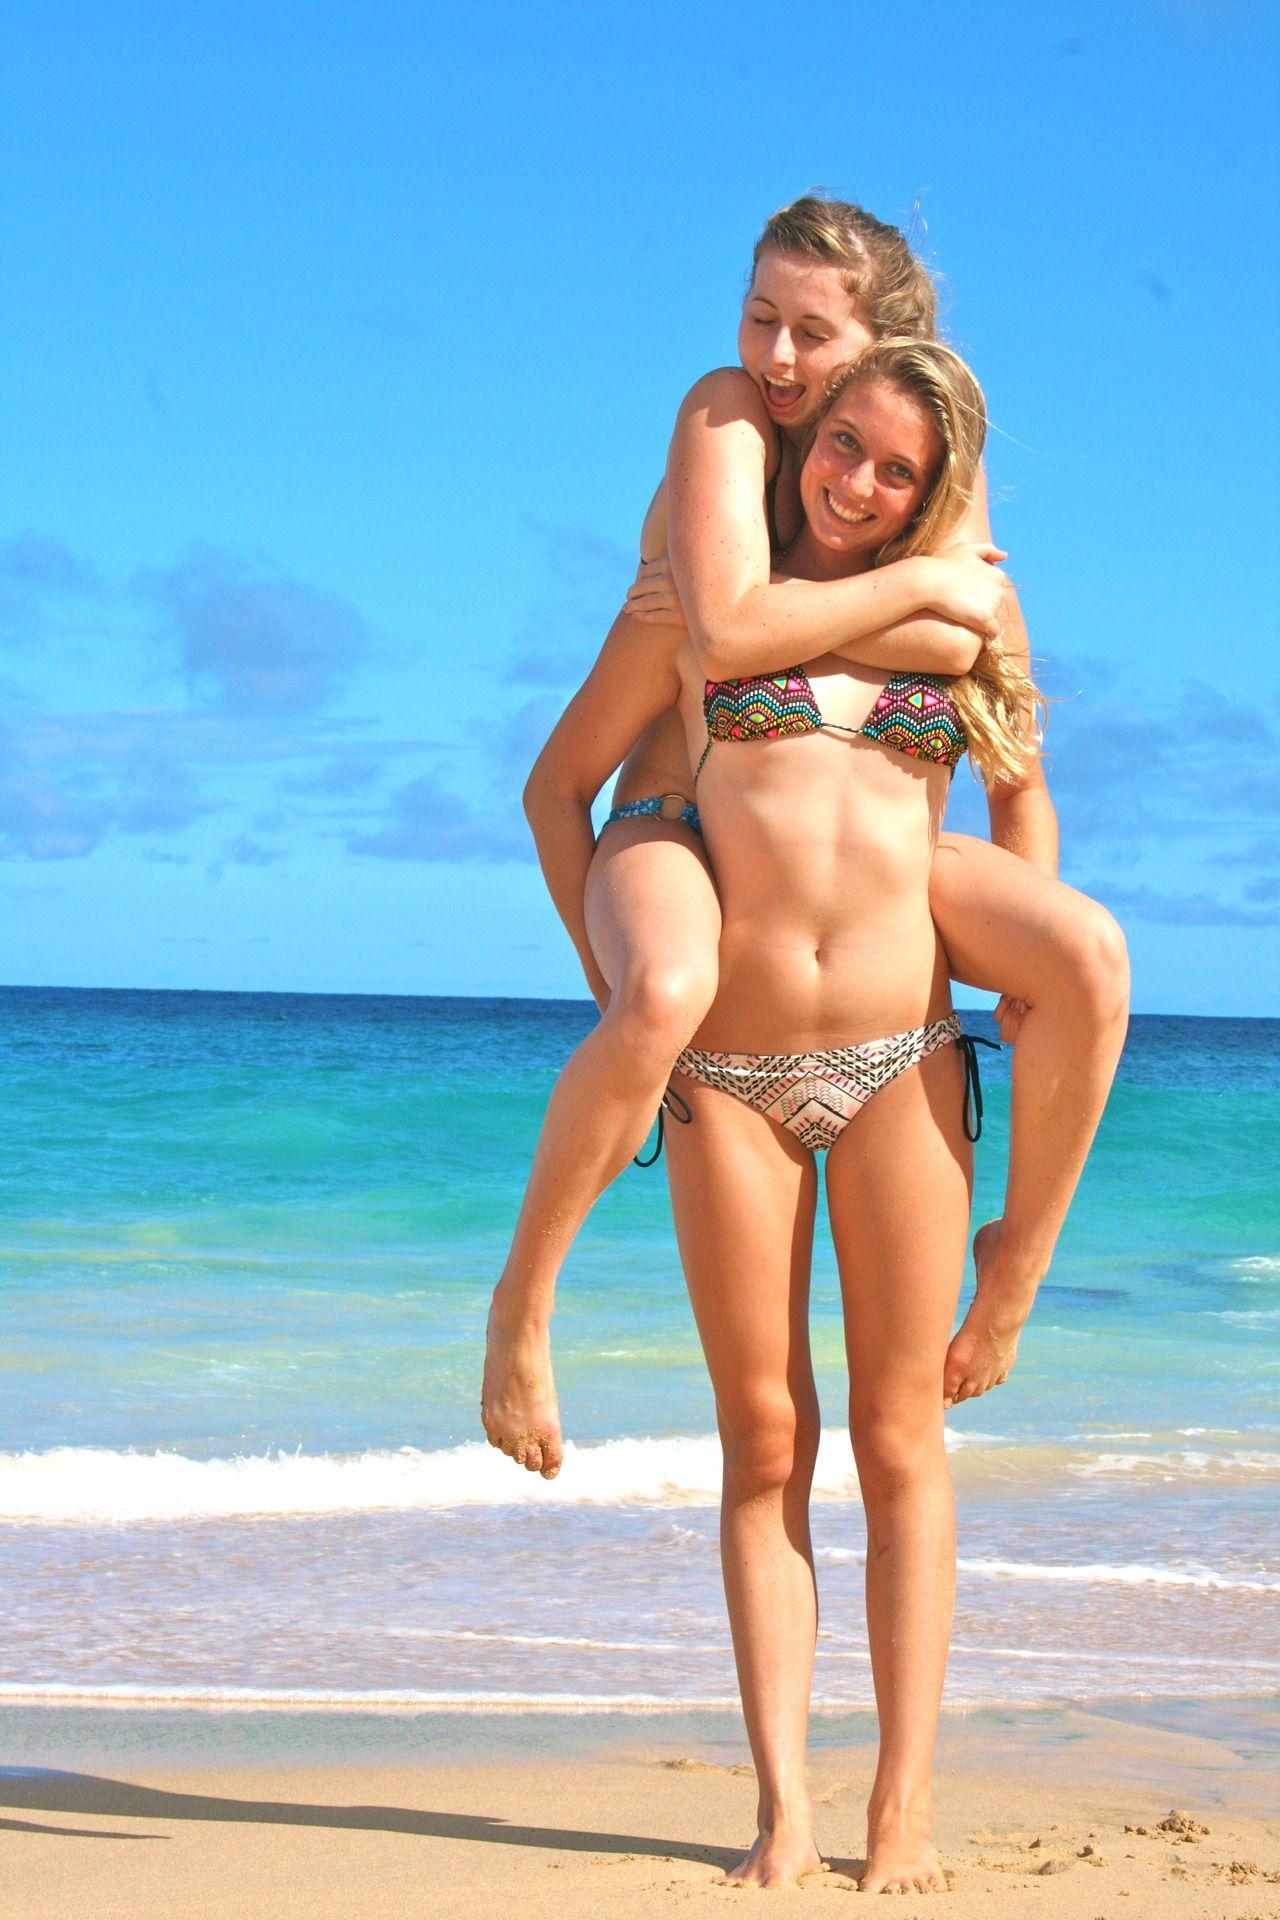 bikini friend fun woman Beach